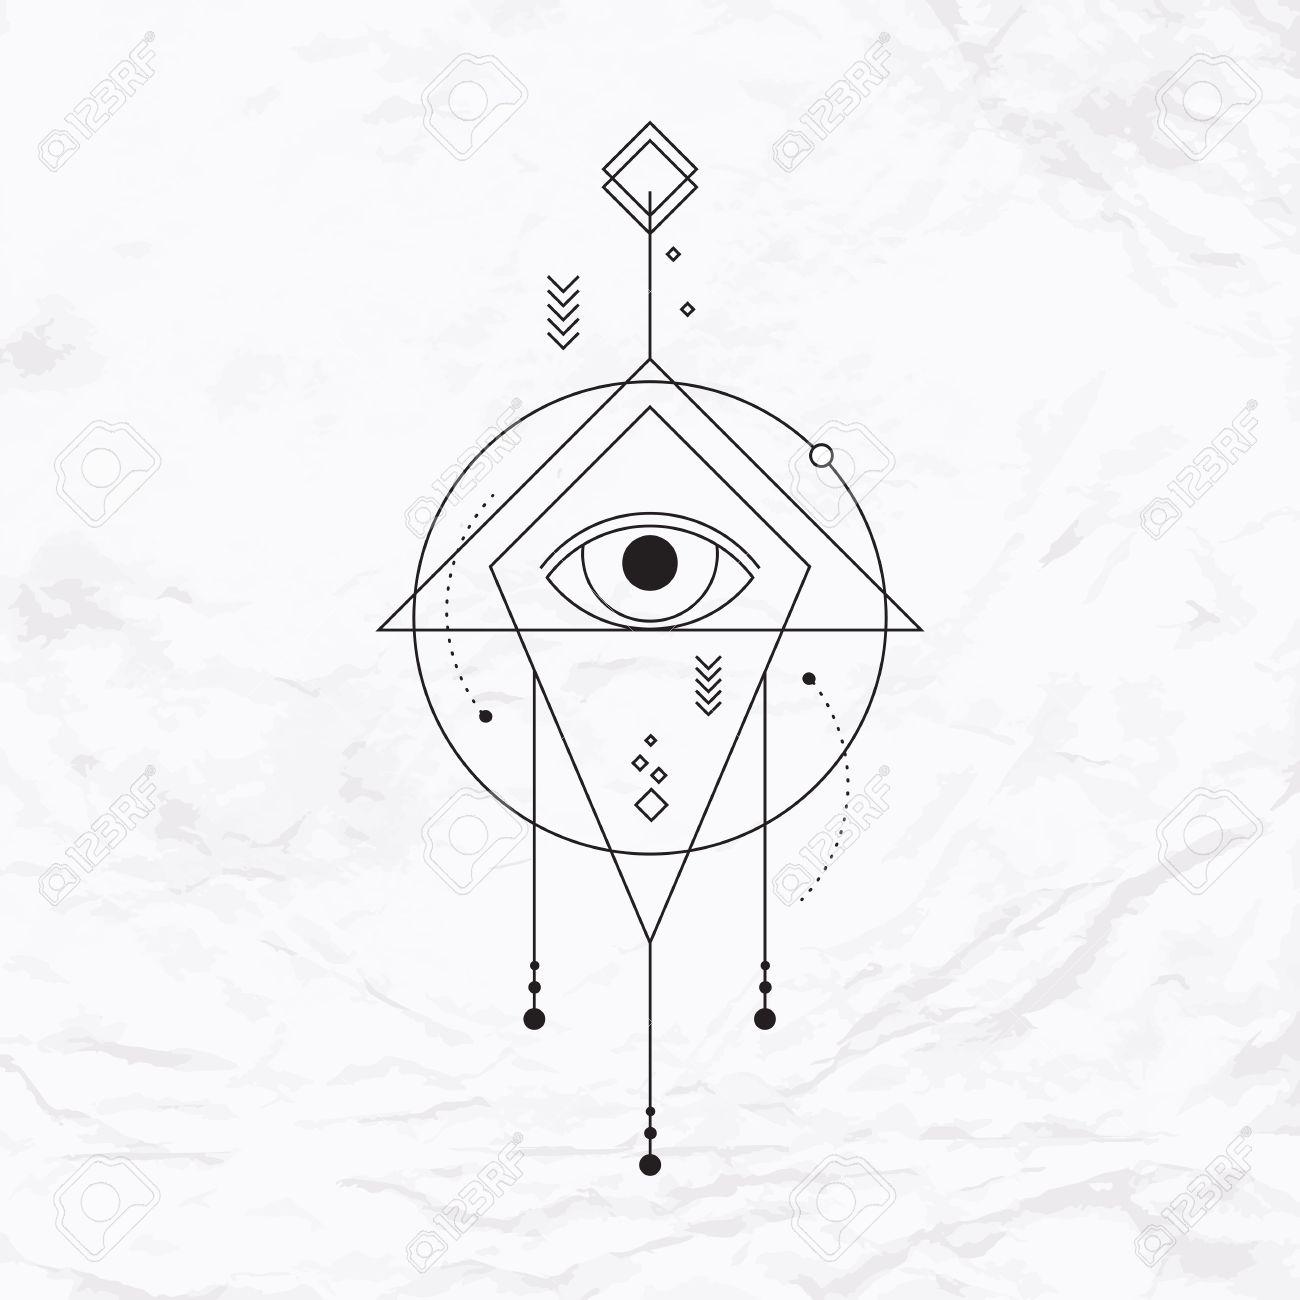 Abstrait Vector Mystique Signe Geometrique Avec Des Formes